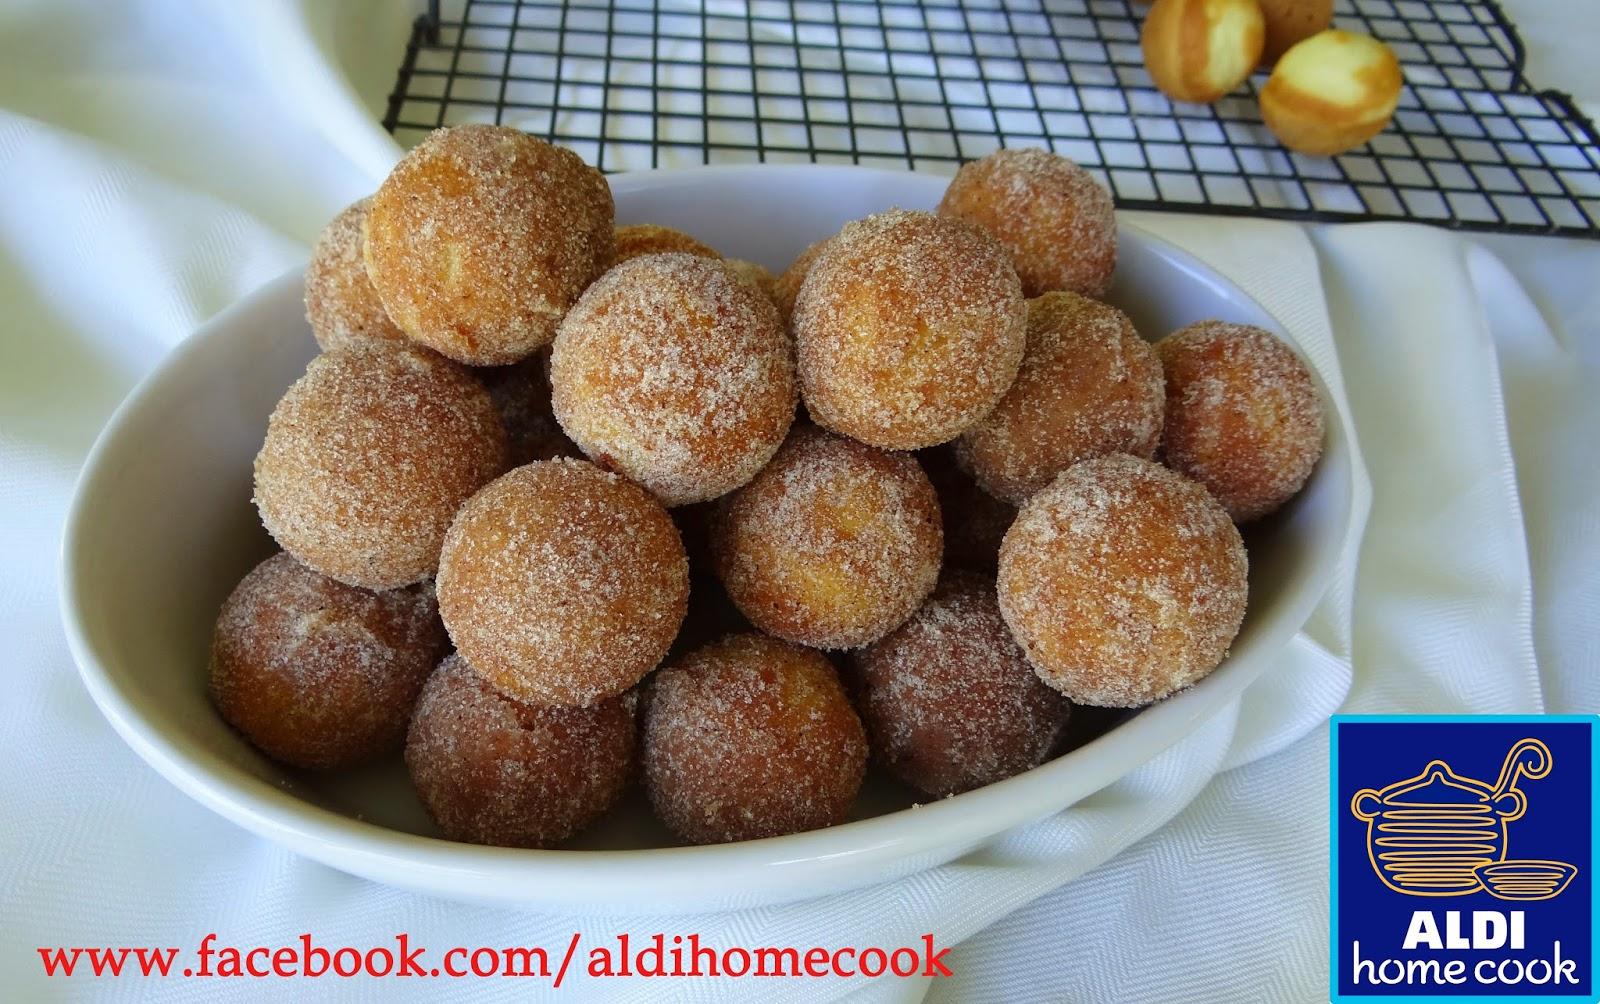 Aldi Home Cook Cinnamon Doughnut Balls